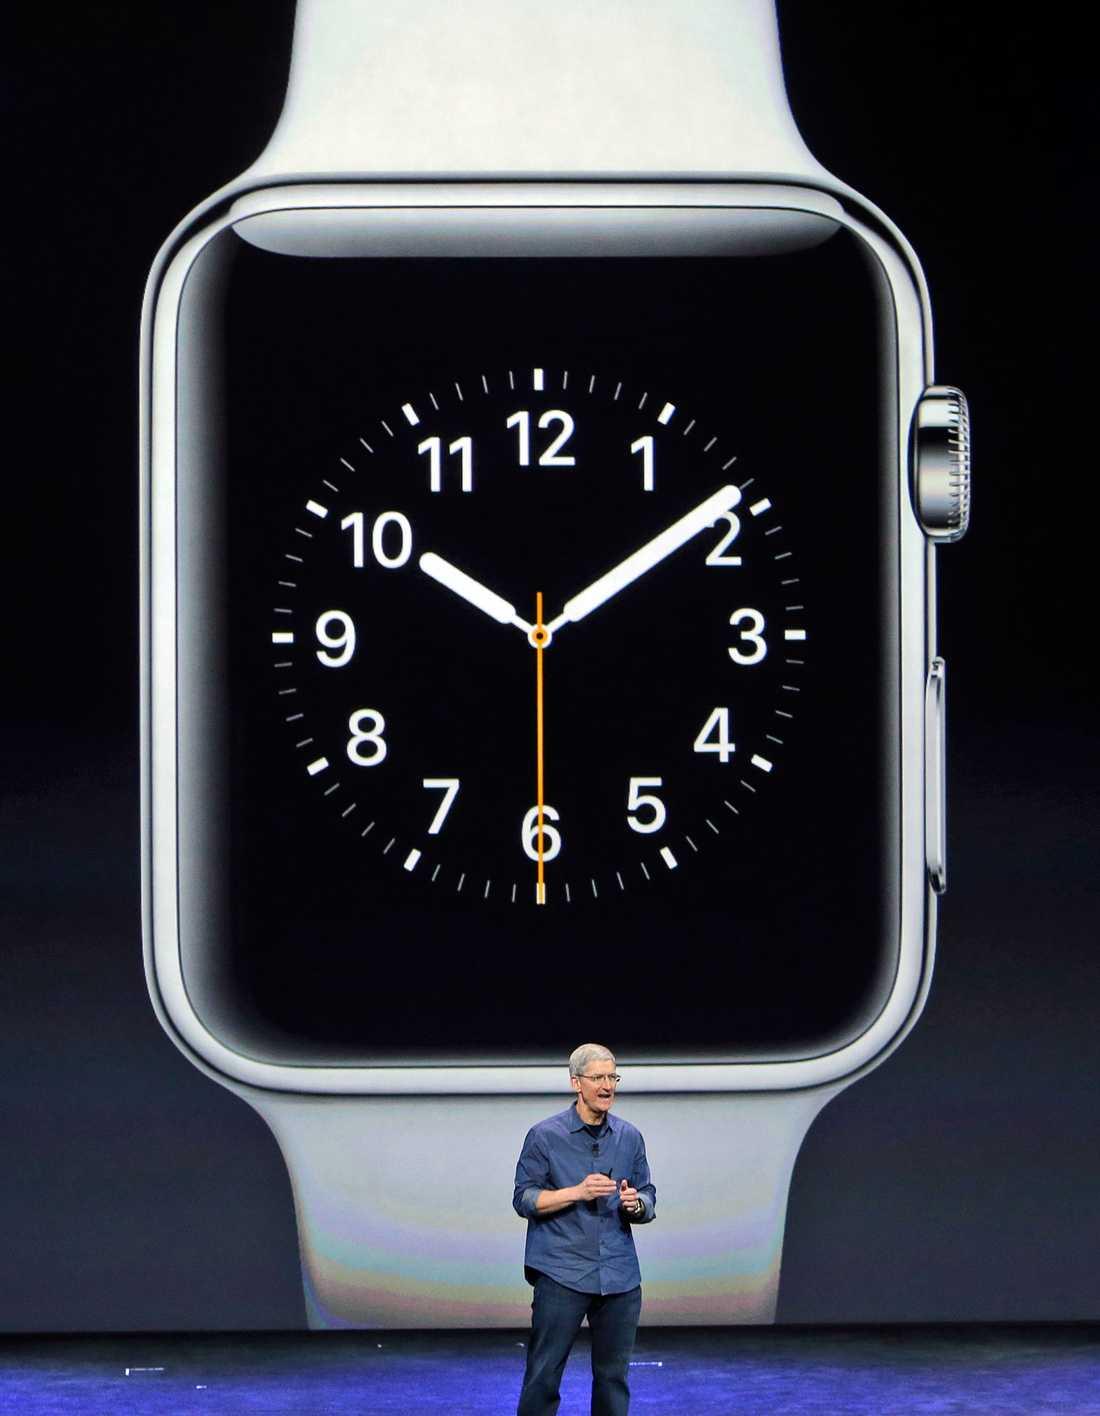 """Nya Applewatch. En """"smart klocka"""" där man kan läsa meddelanden, visa kartor, rita symboler och använda sociala medier. Dessutom ska det finnas en inbyggd träningsapp i den."""